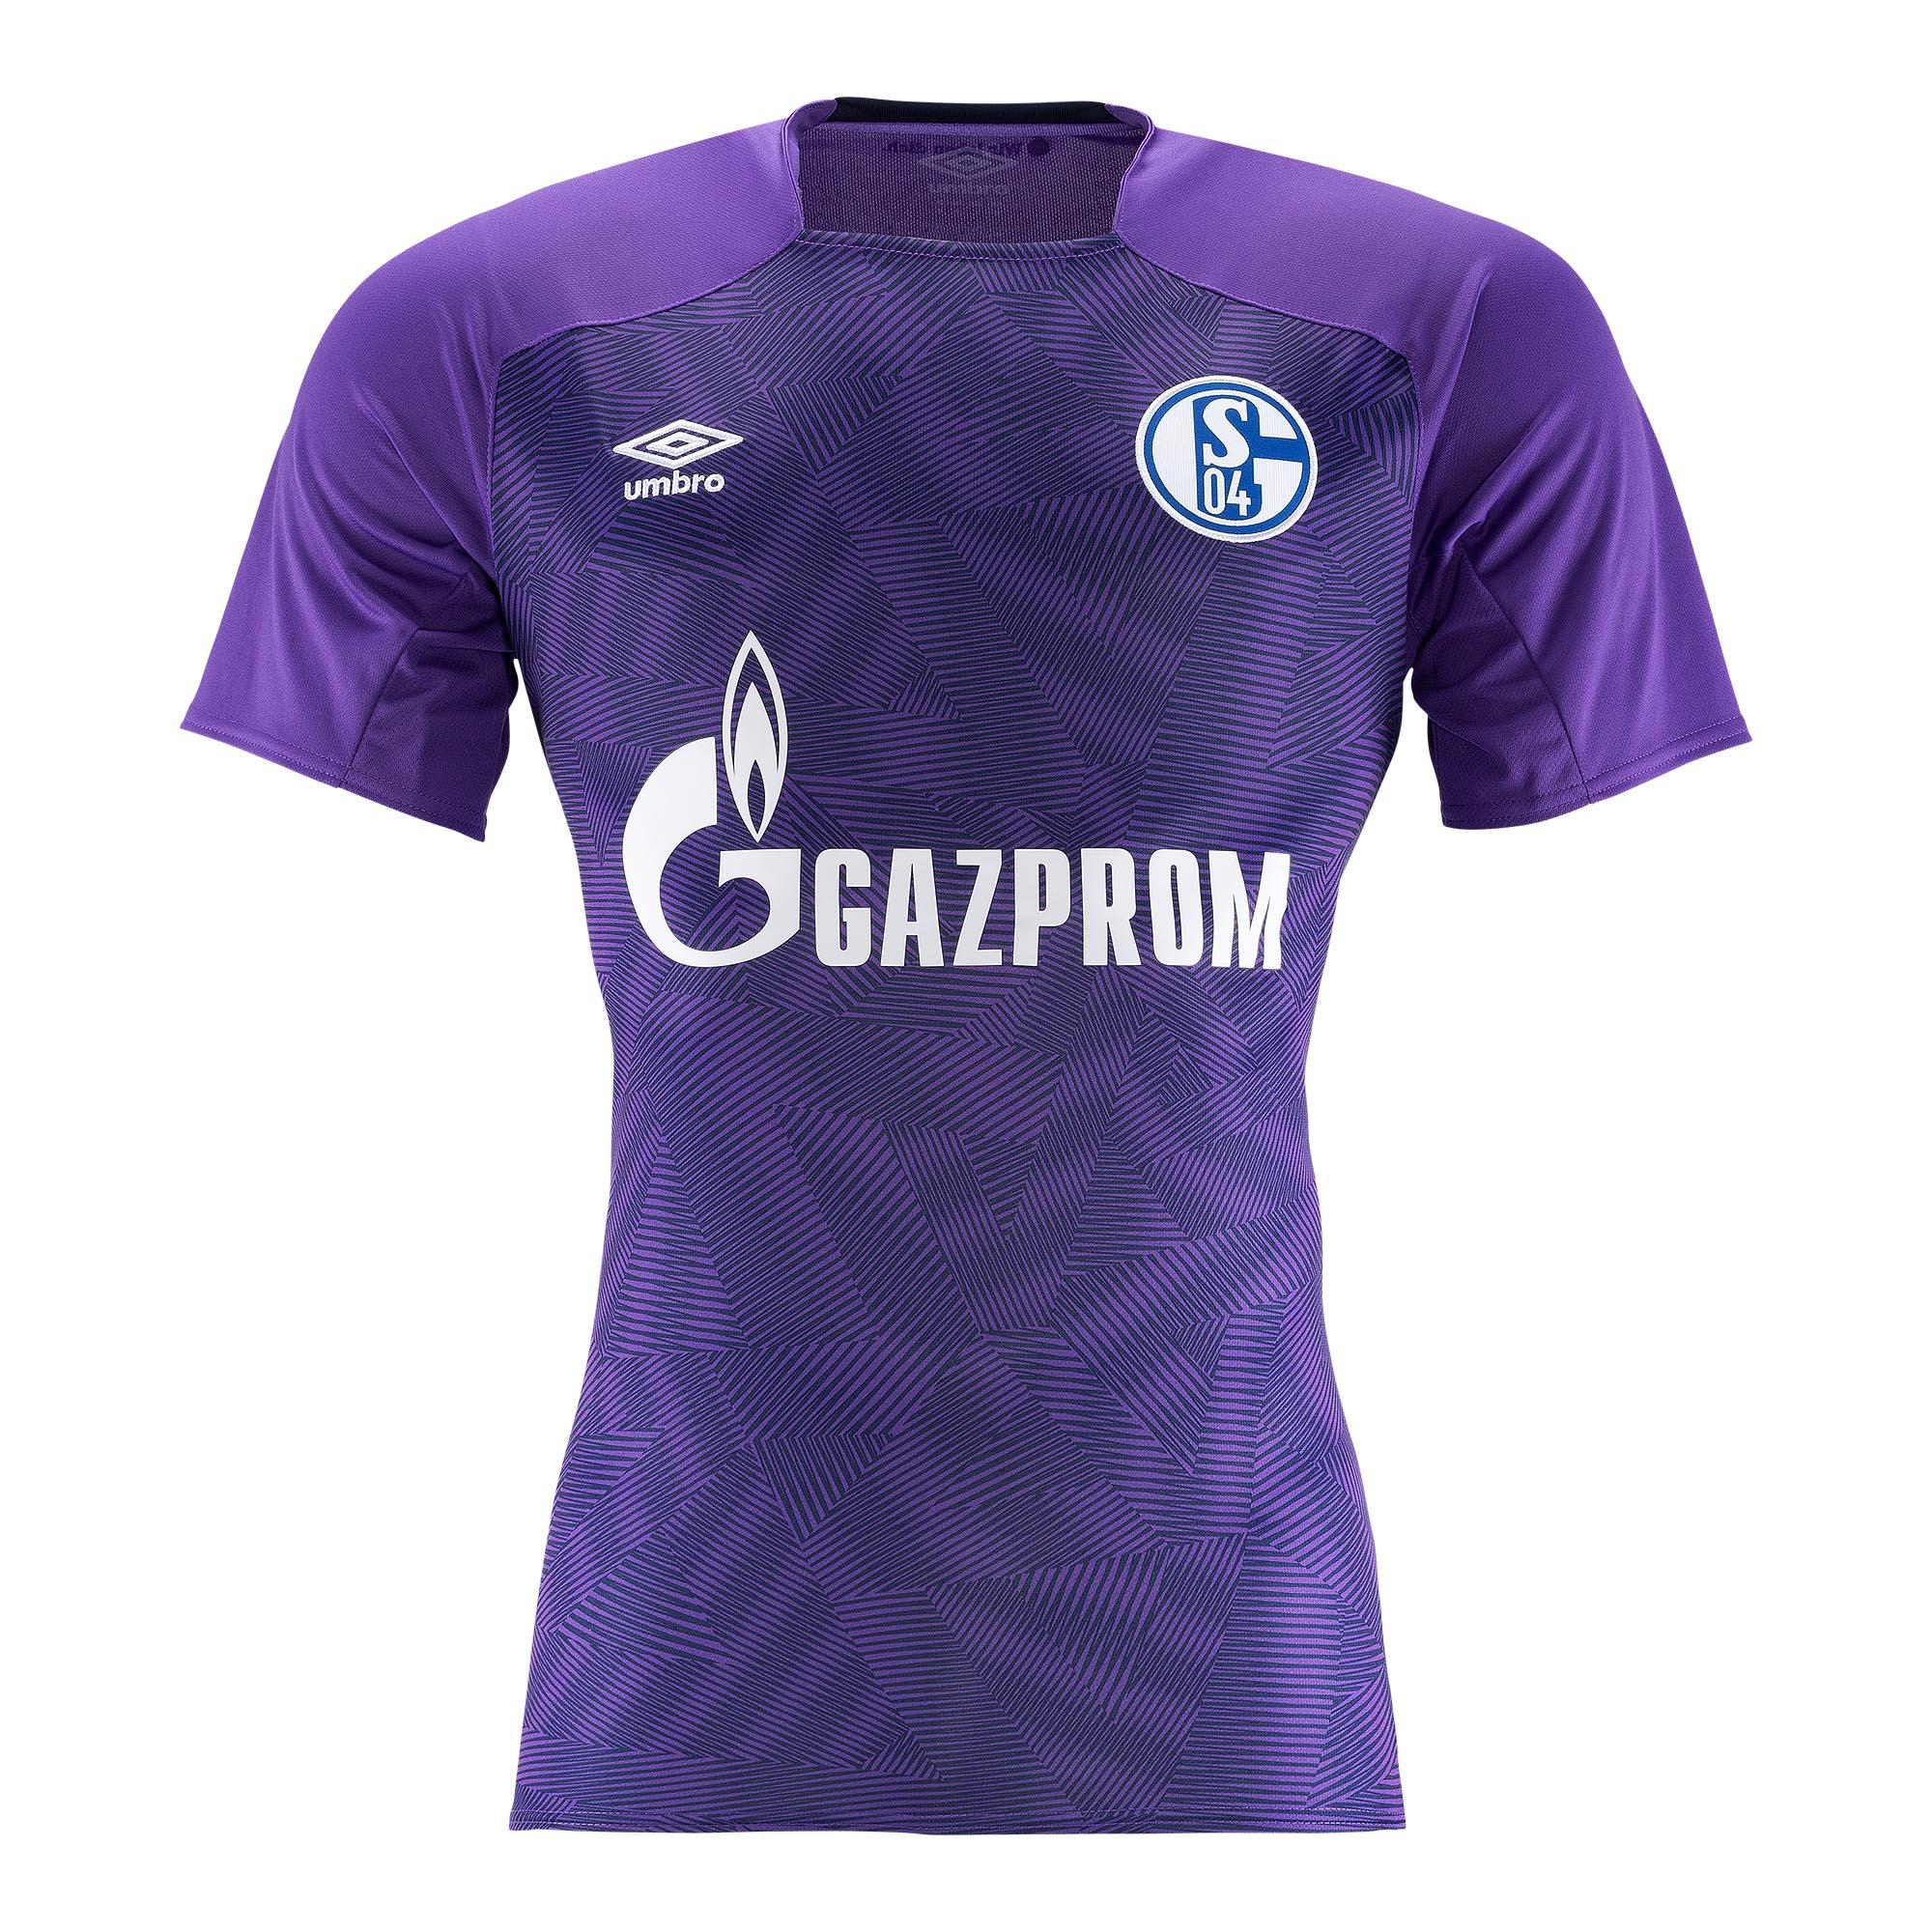 timeless design 30ec9 c6502 Schalke 04 Goalkeeper Jersey 2018-19